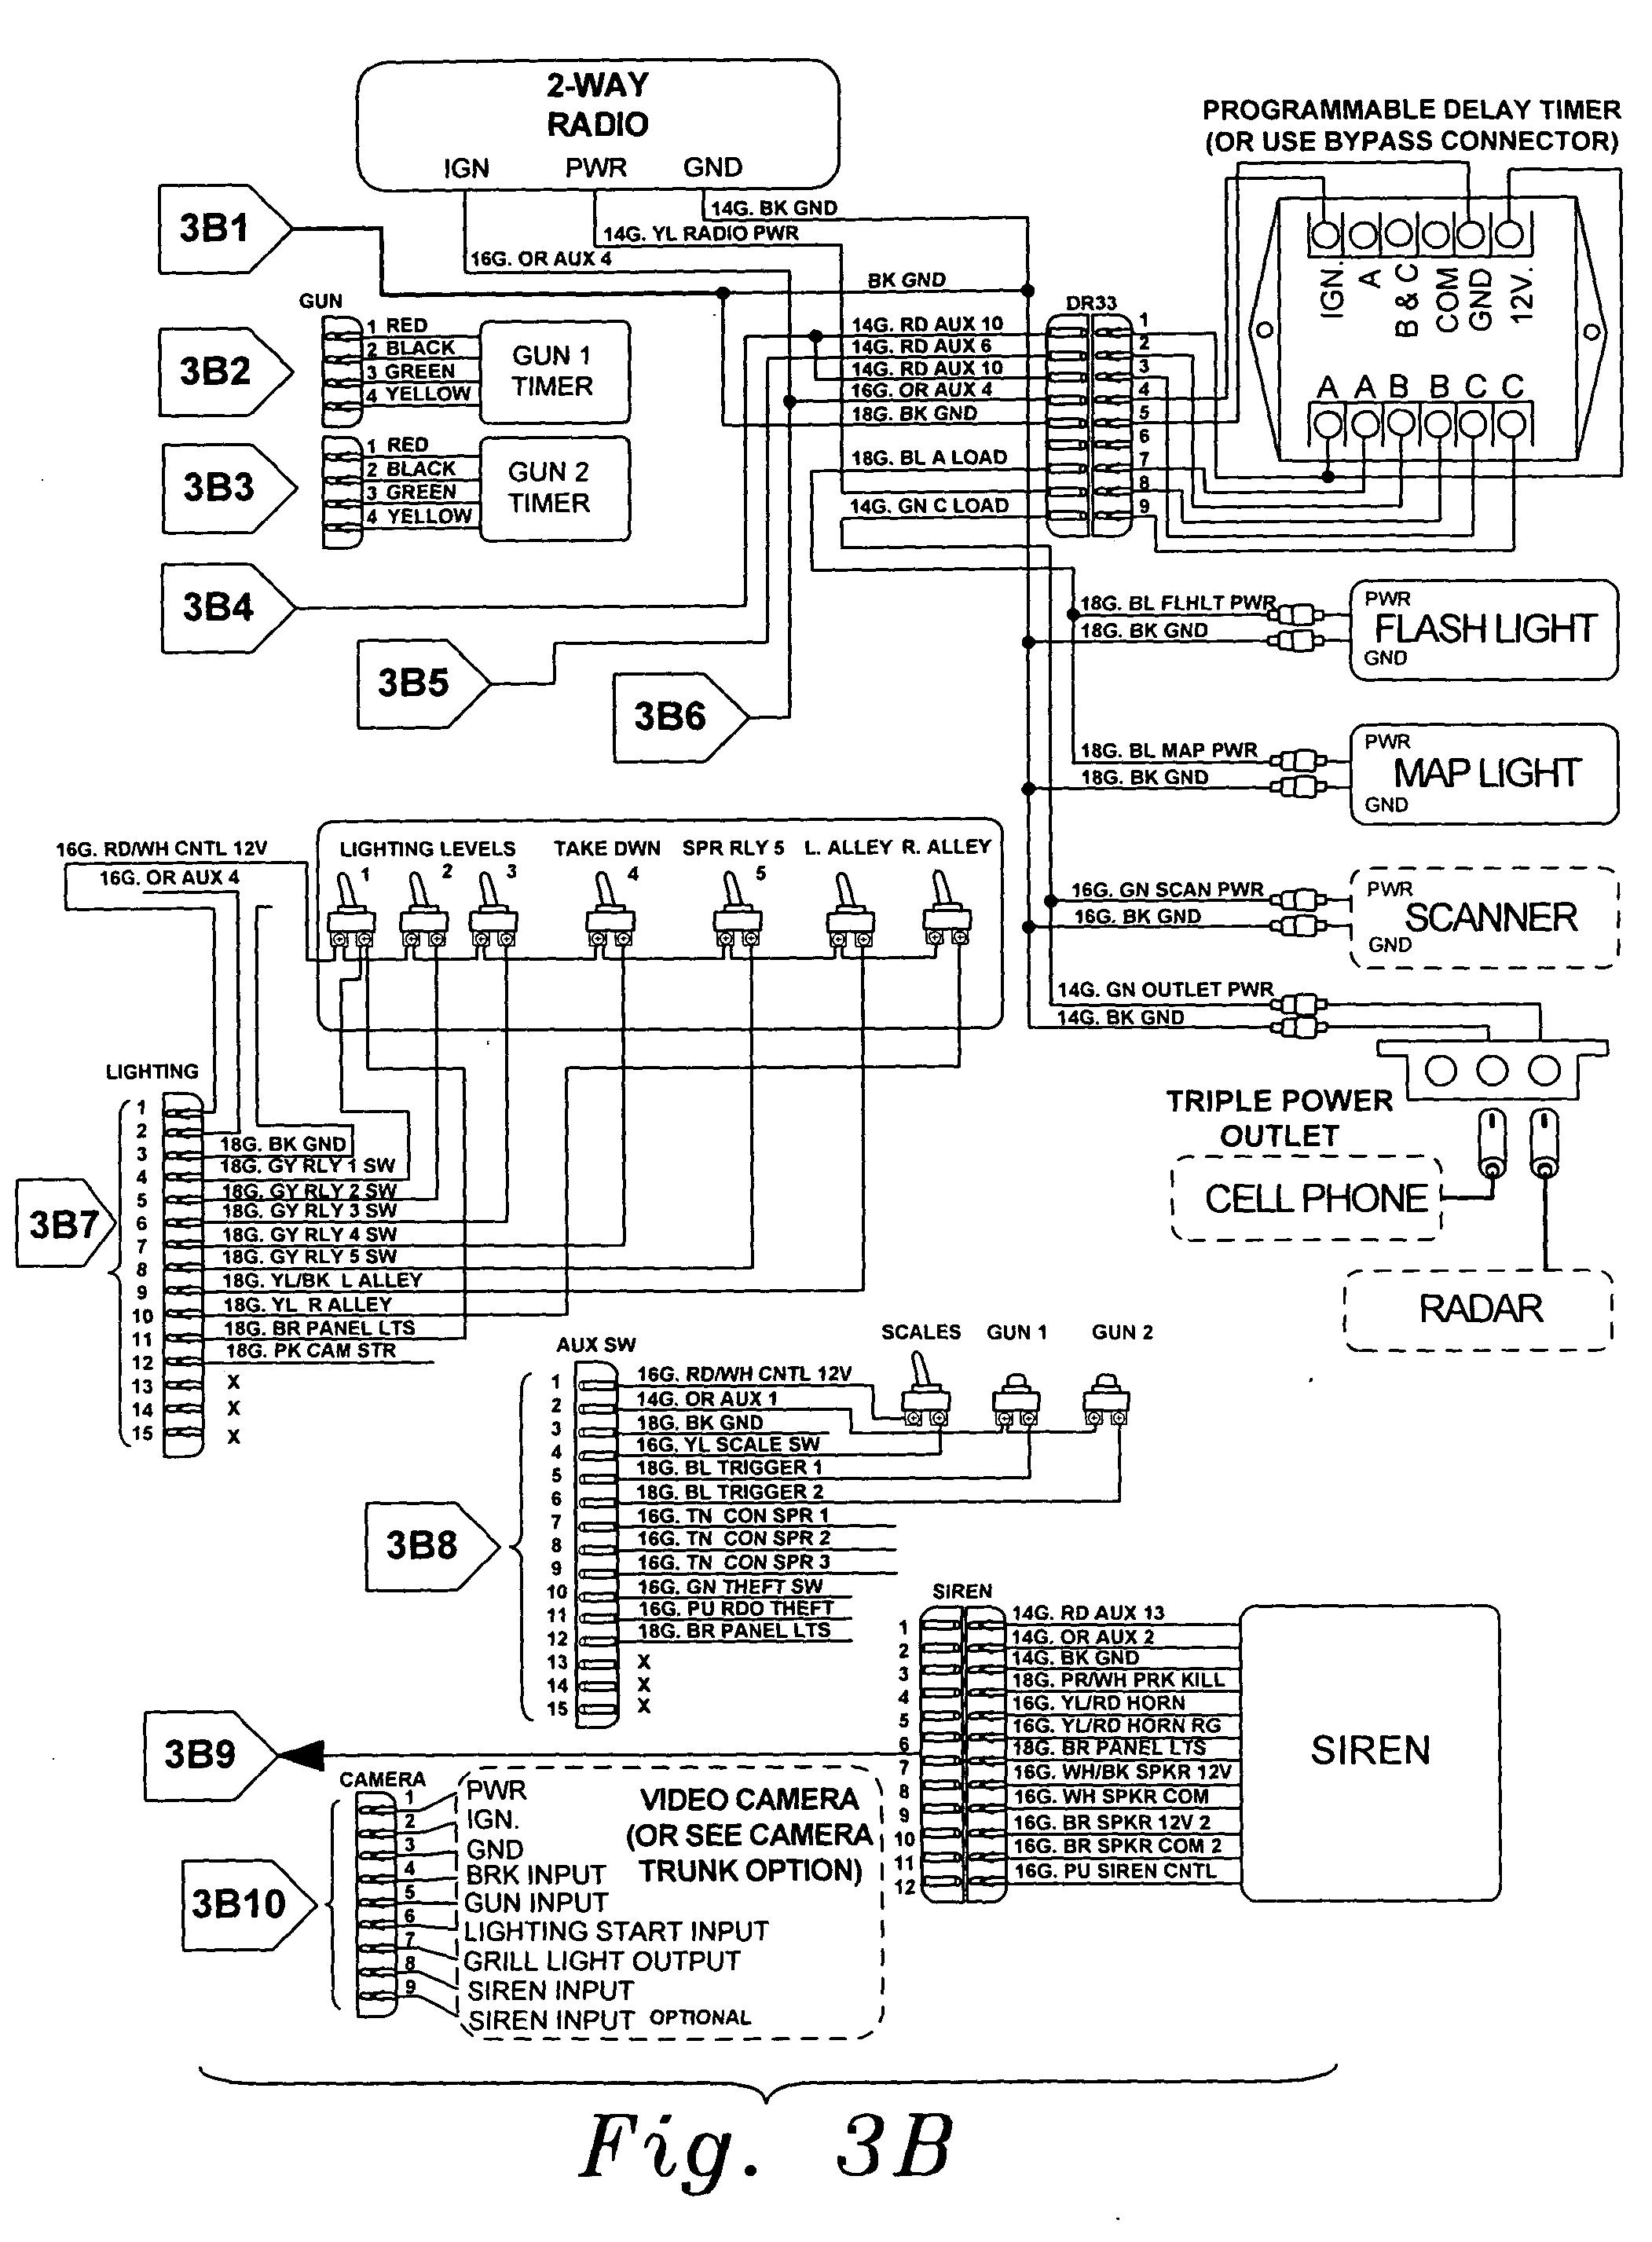 Fasco Blower Wiring Diagram - Wiring Diagram Schematics on